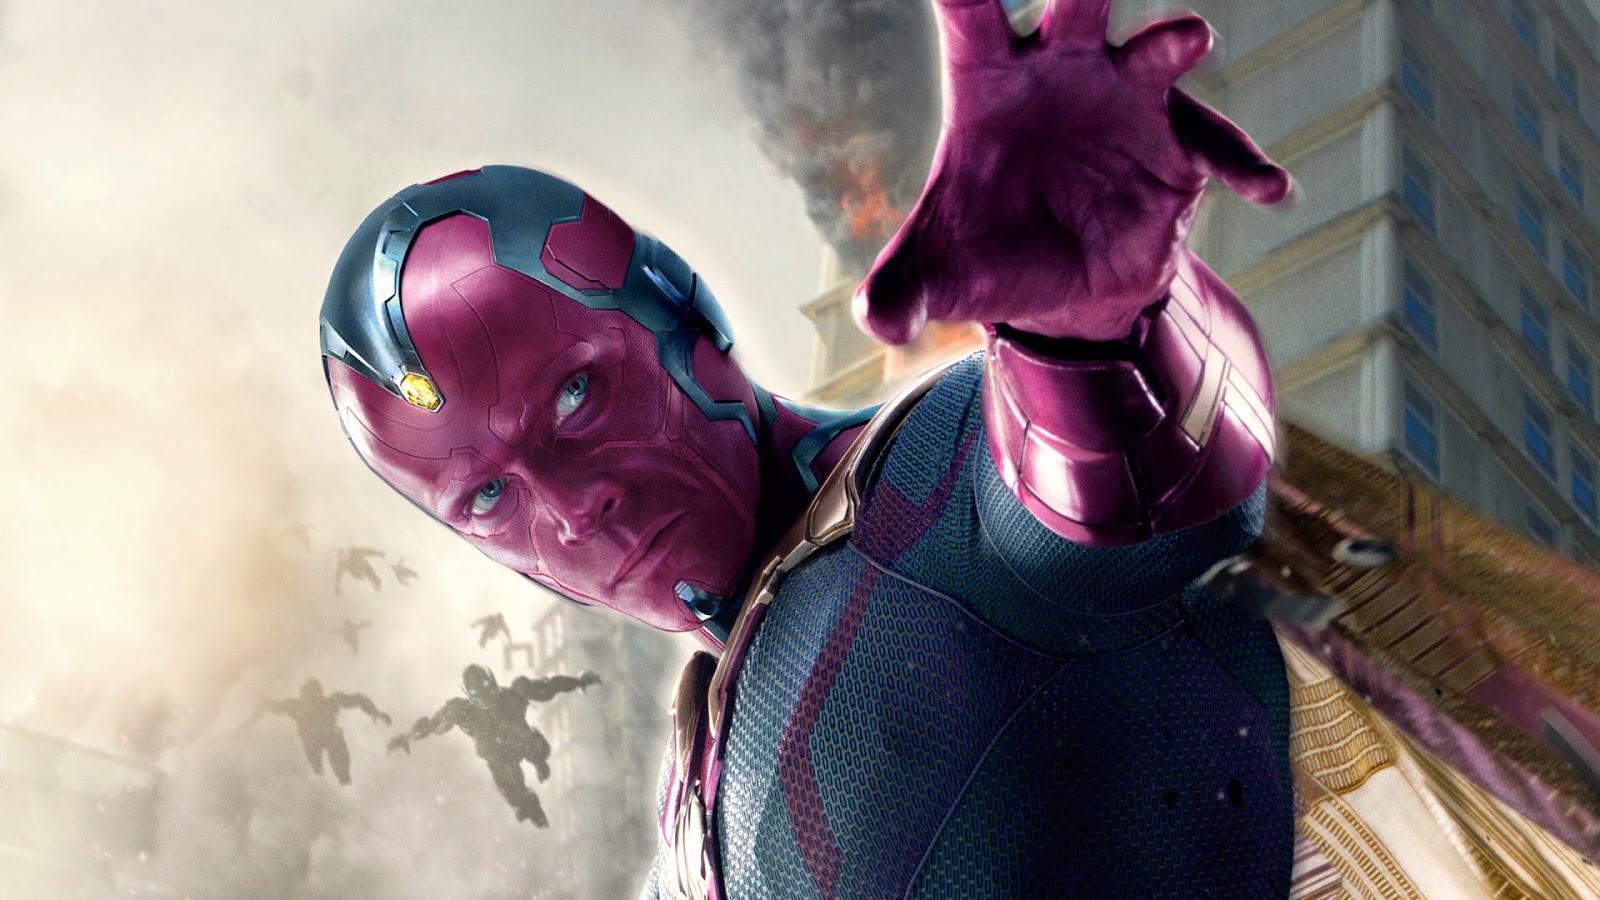 Papel de Parede Filme Avengers Age of Ultron Vision para pc hd 3d grátis movie wallpaper image hd free